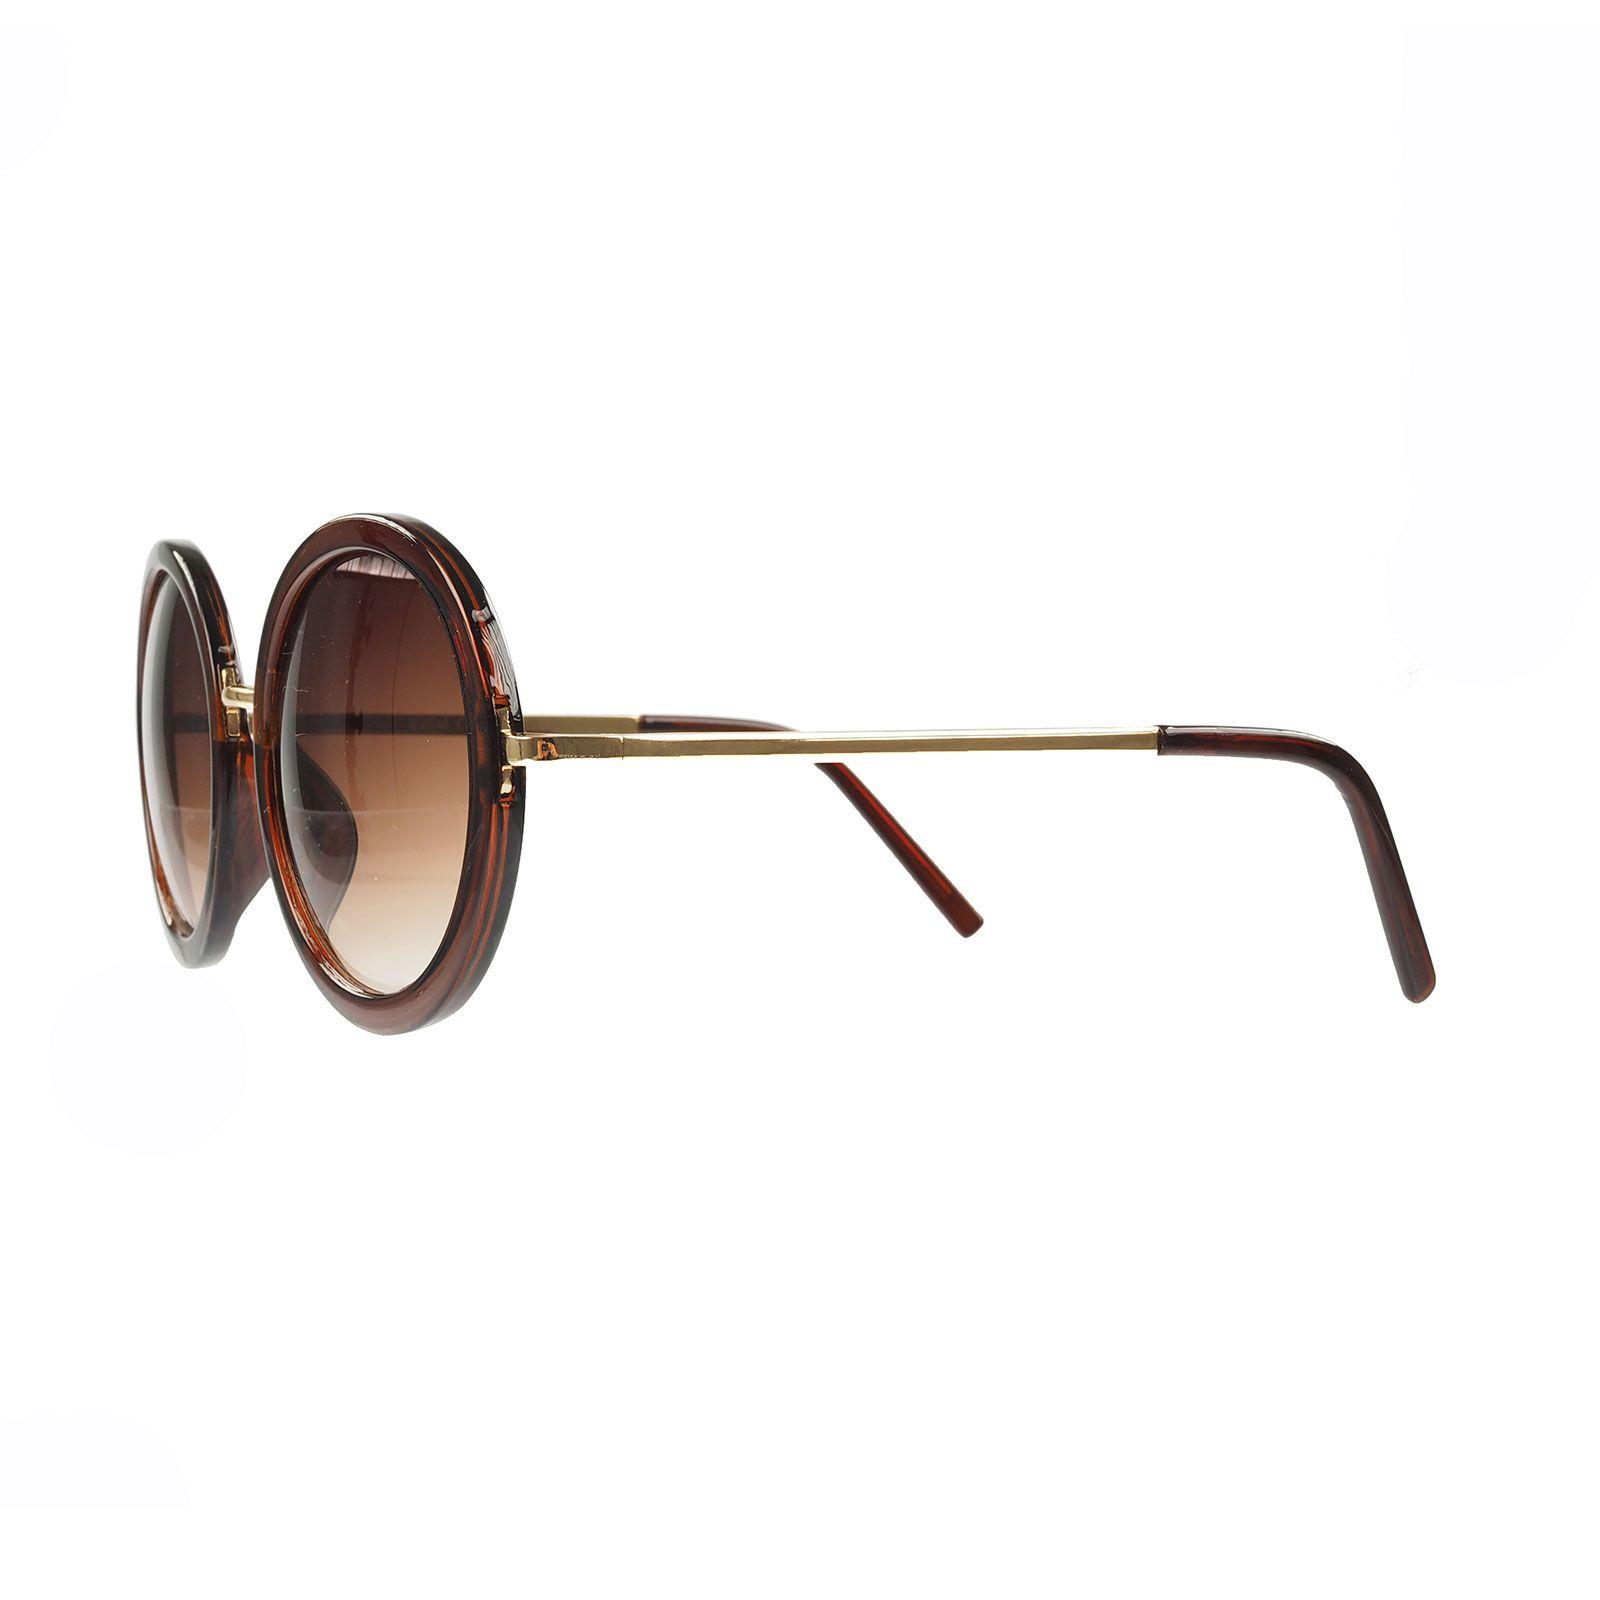 sonnenbrille mit grossen runden gl sern braun accessoires 5. Black Bedroom Furniture Sets. Home Design Ideas